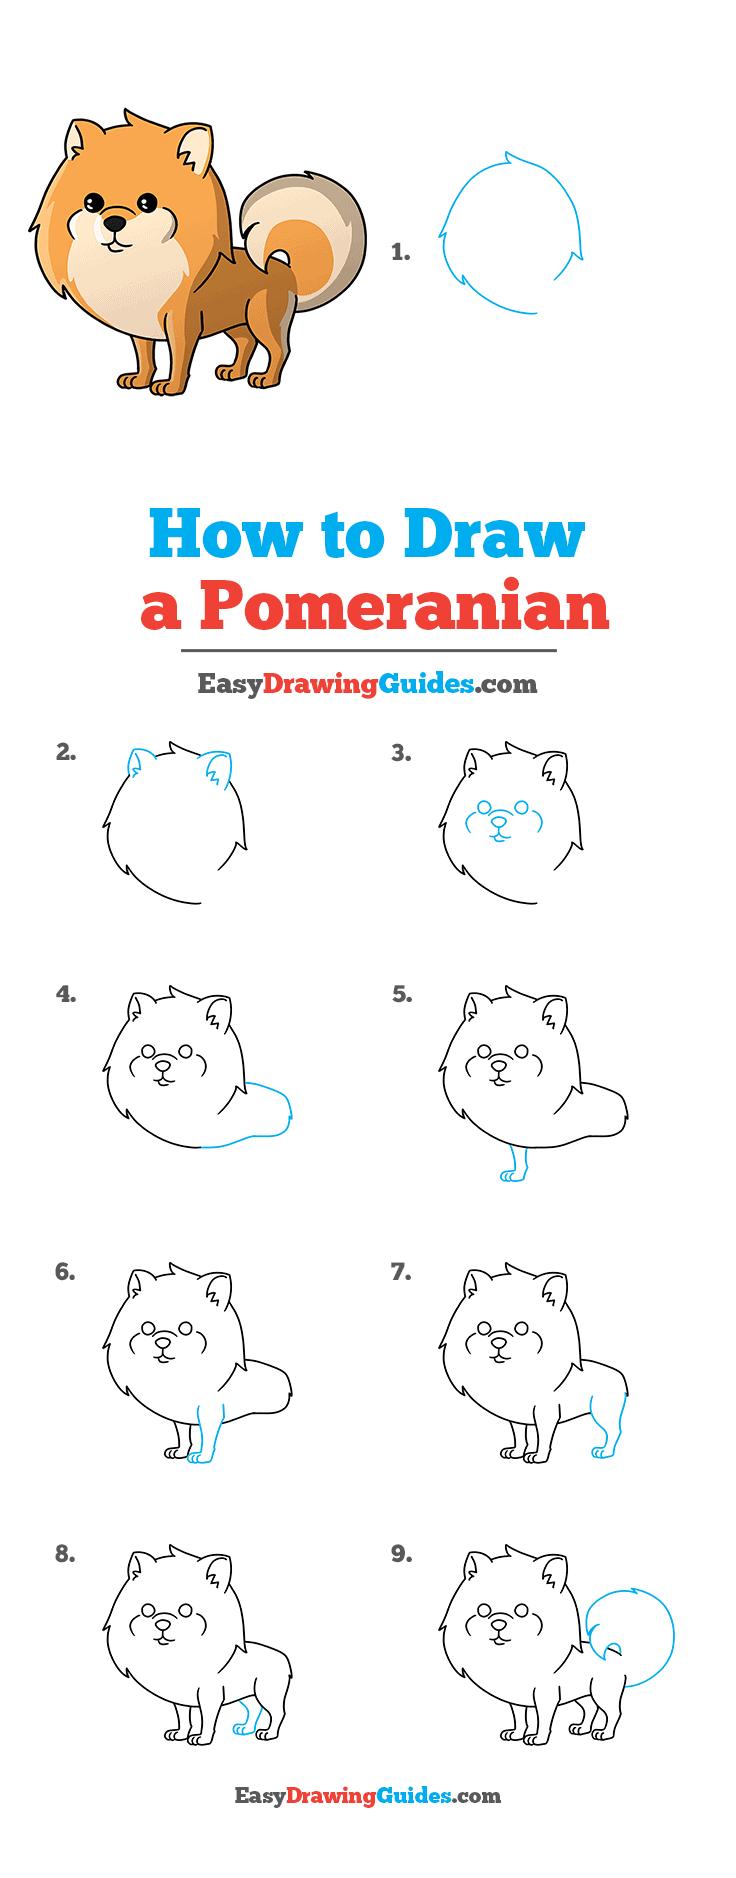 How to Draw Pomeranian